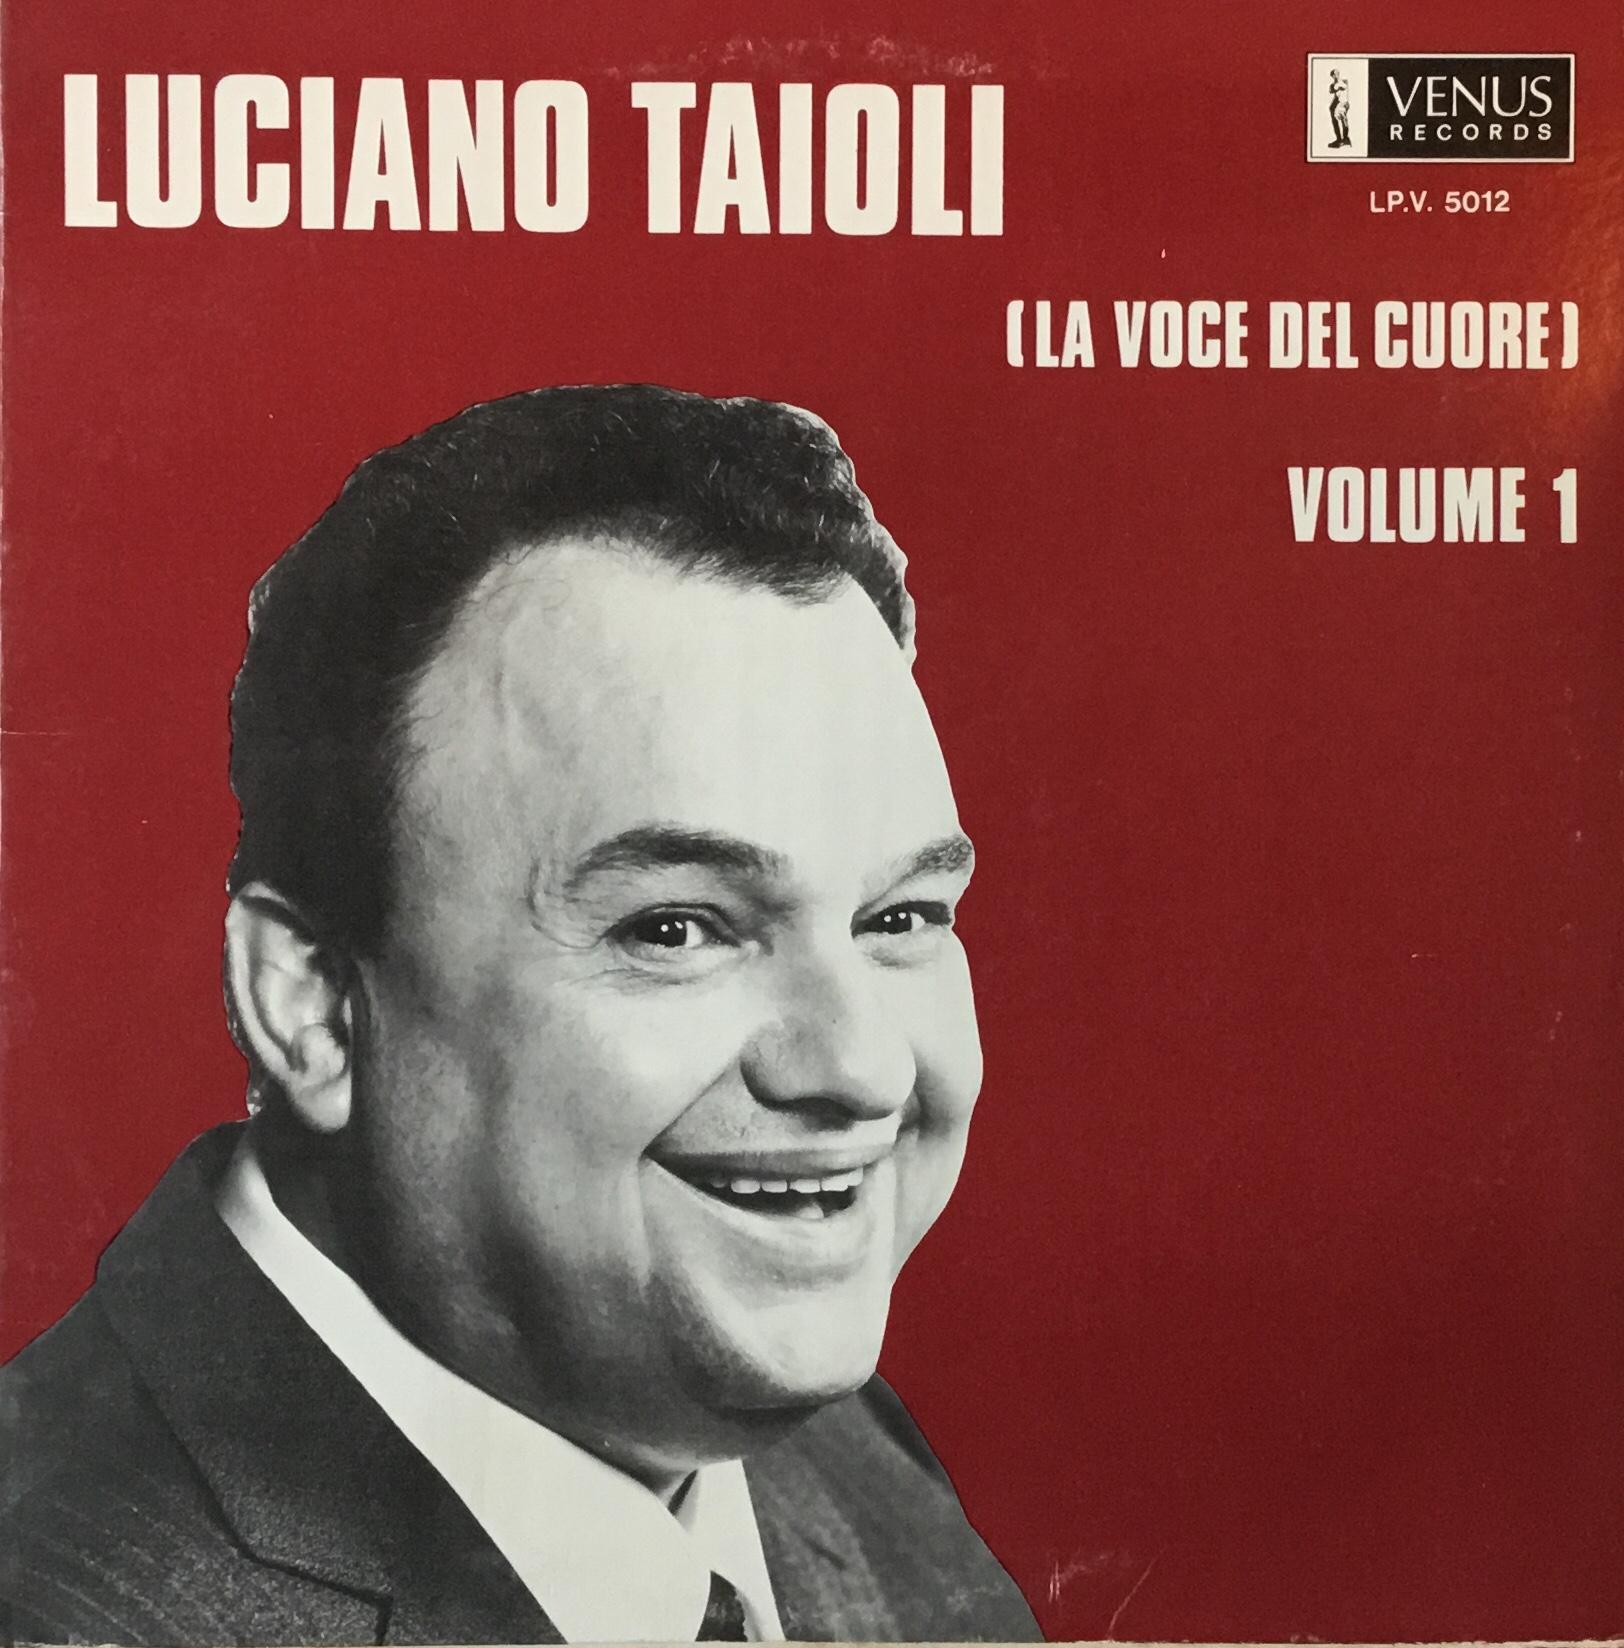 LTaioli_LaVoceDelCuore